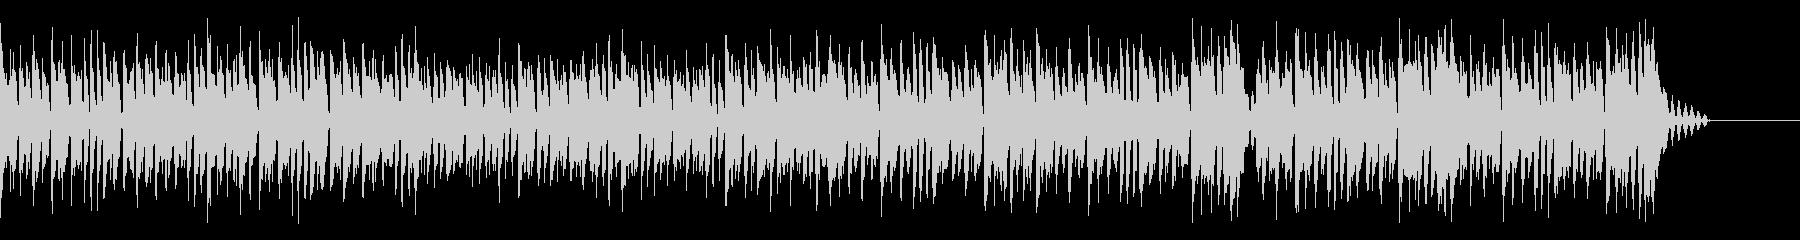 萌えなkawaiifuturebass2の未再生の波形